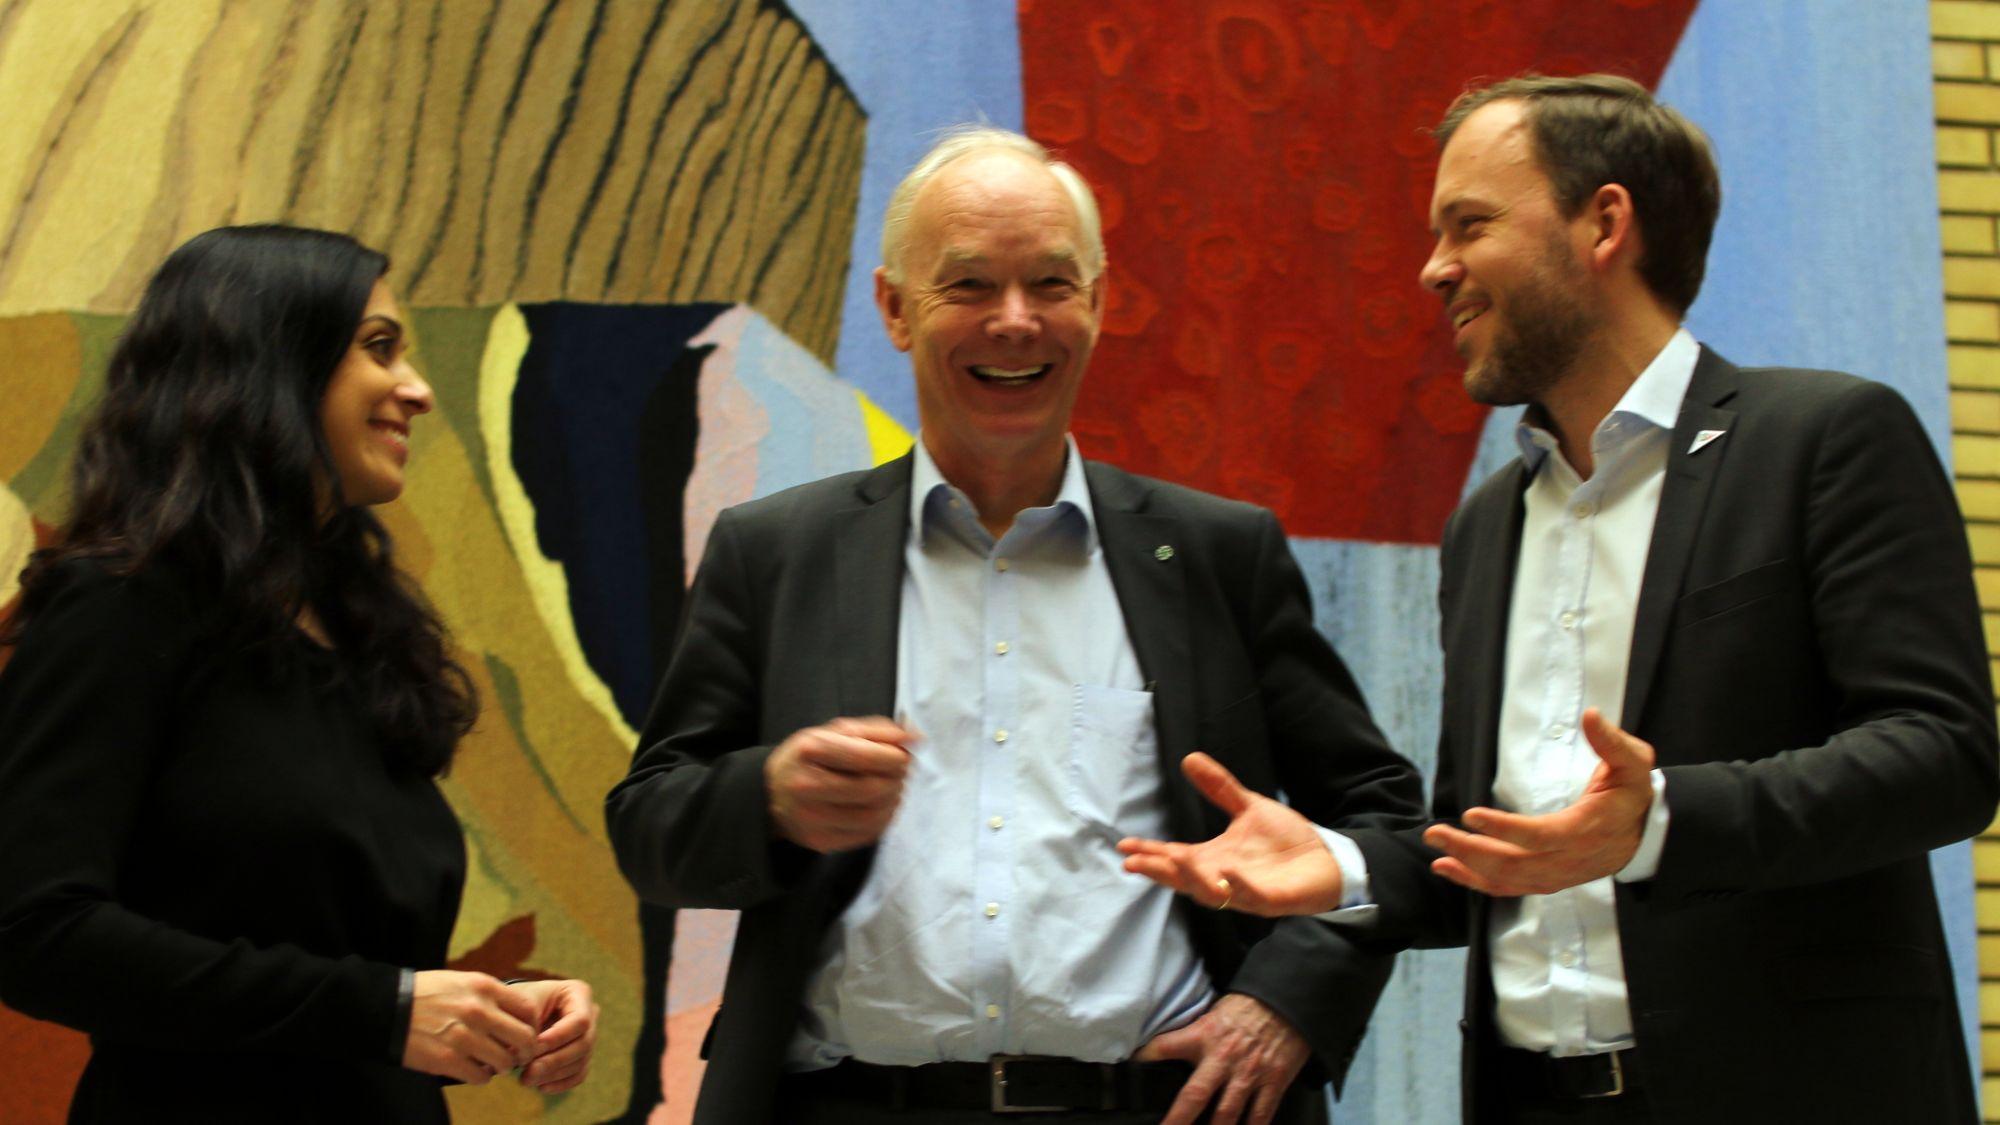 Hadia Tajik, Per Olav Lundteigen (Sp) og Audun Lysbakken (SV) smilende i Stortingets vandrehall